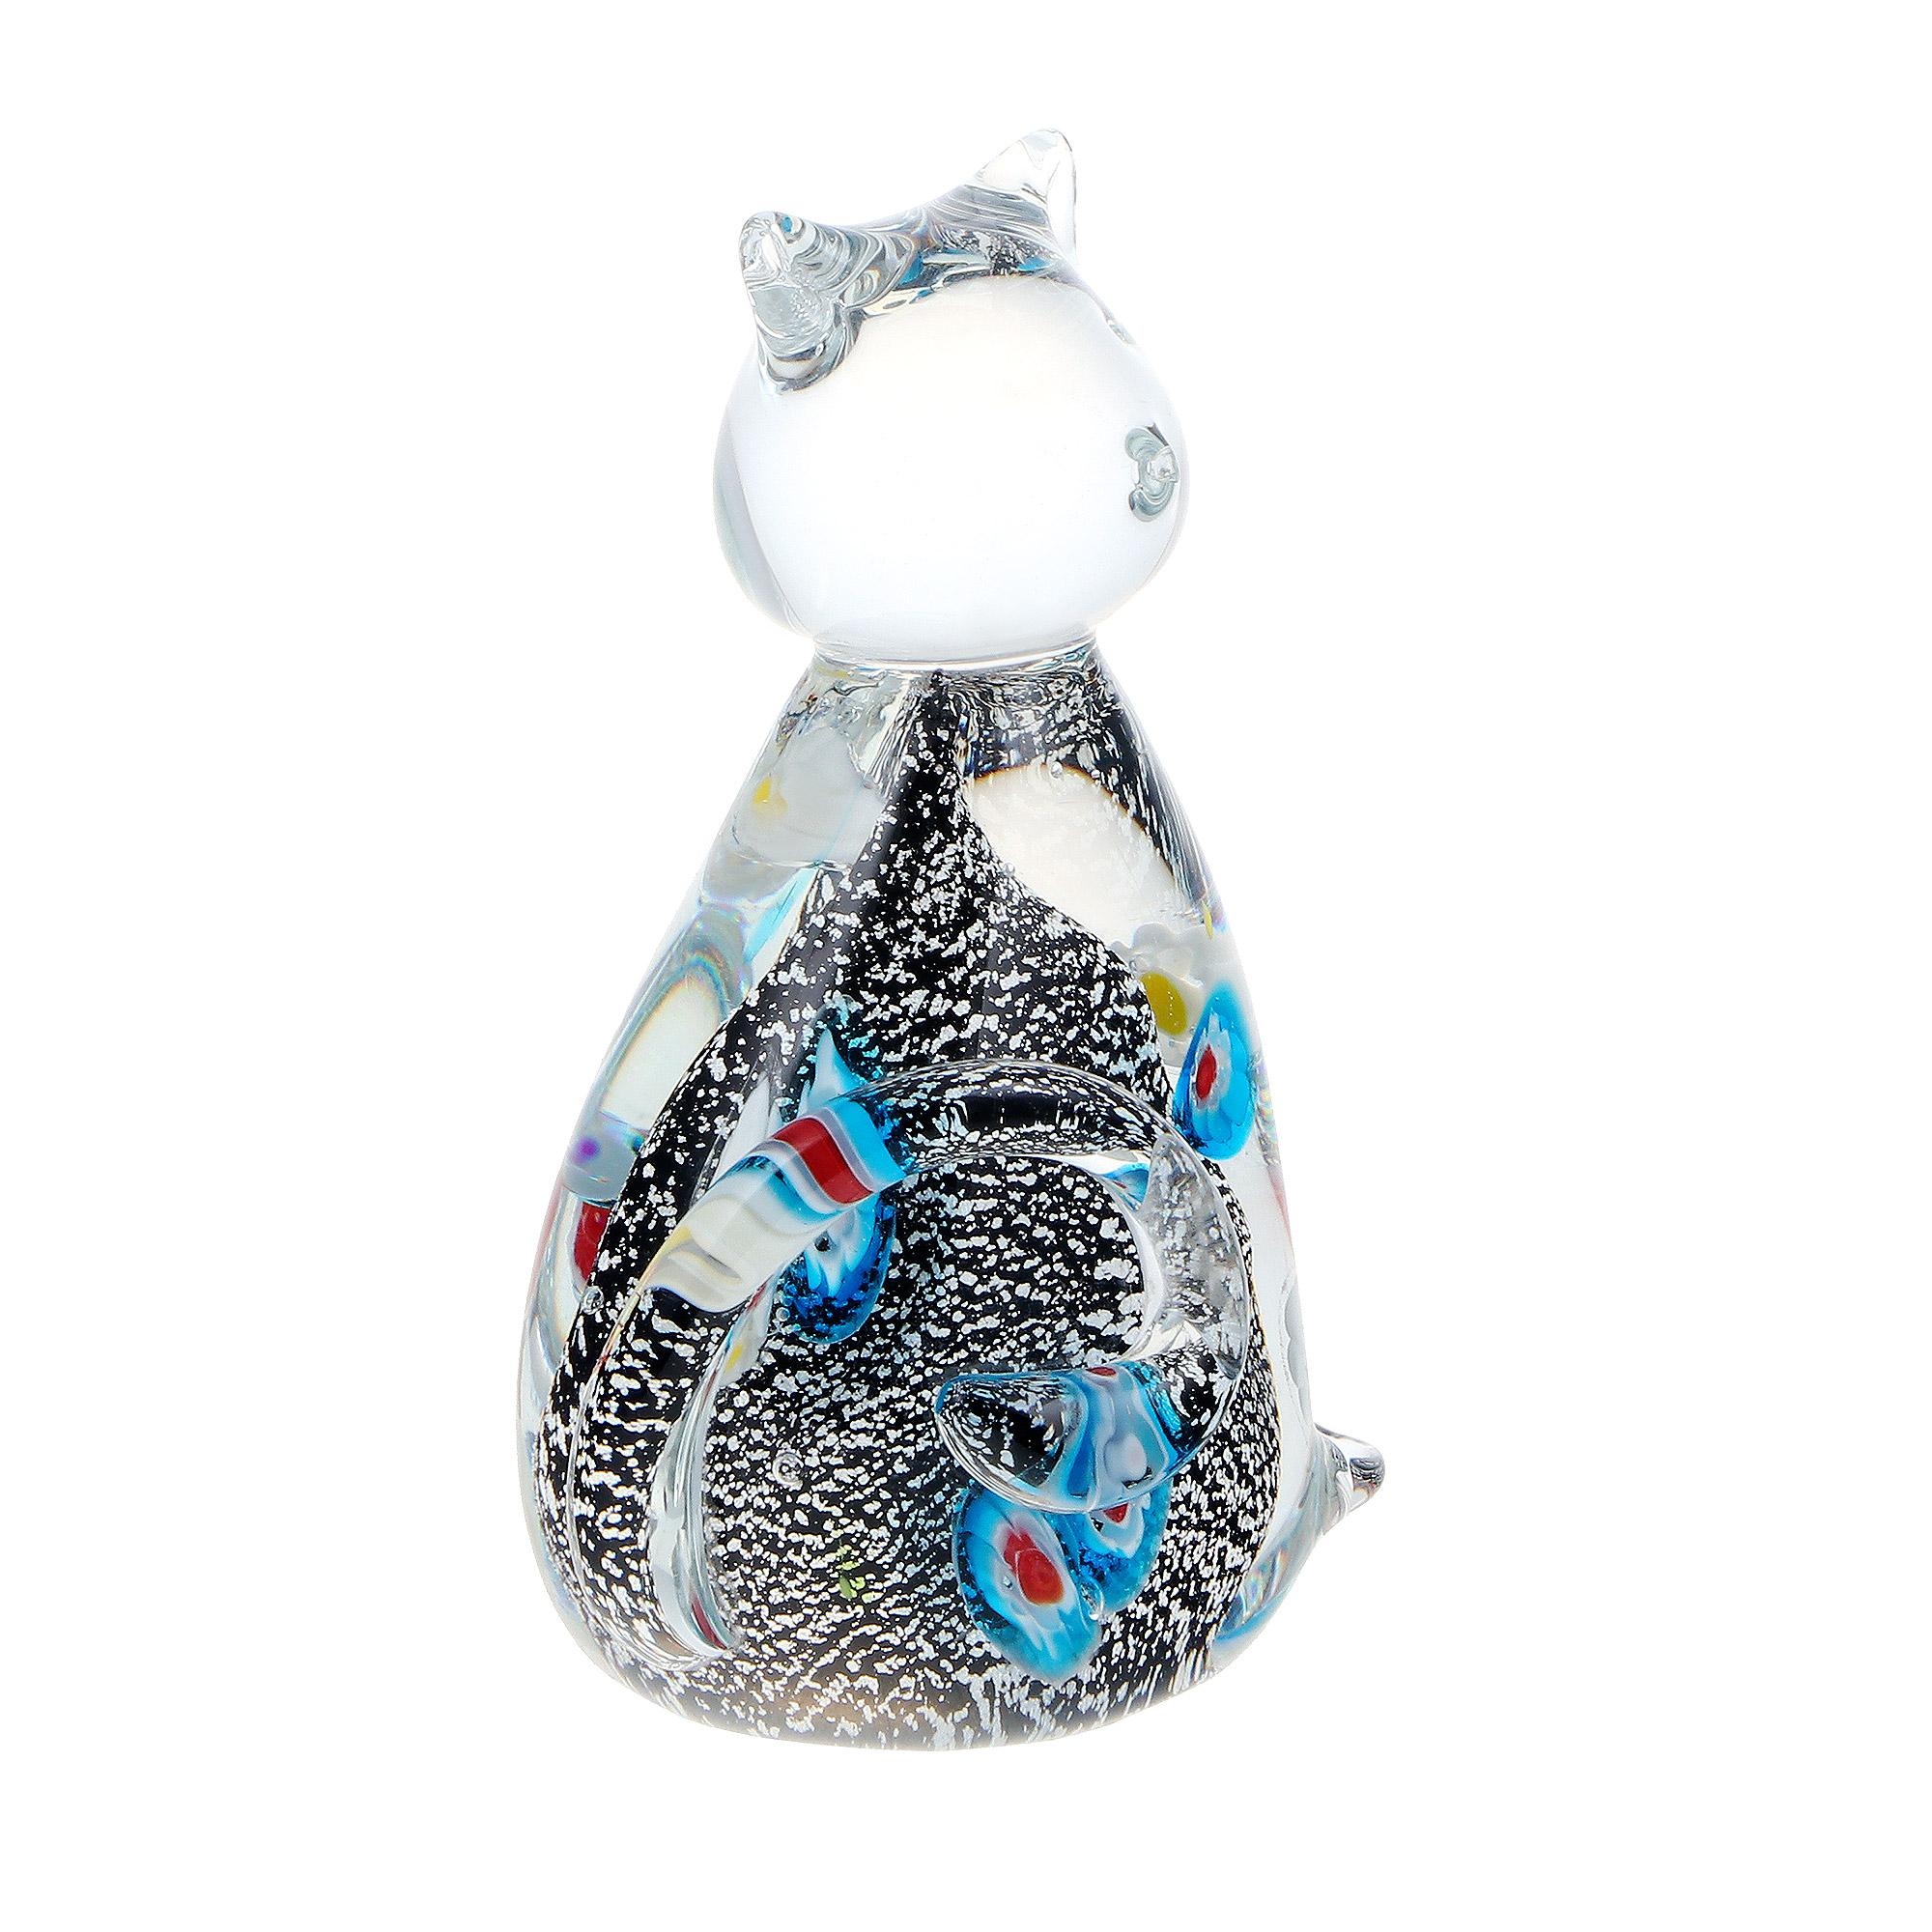 Фигурка Art glass серебряный котенок 7x11.5 см